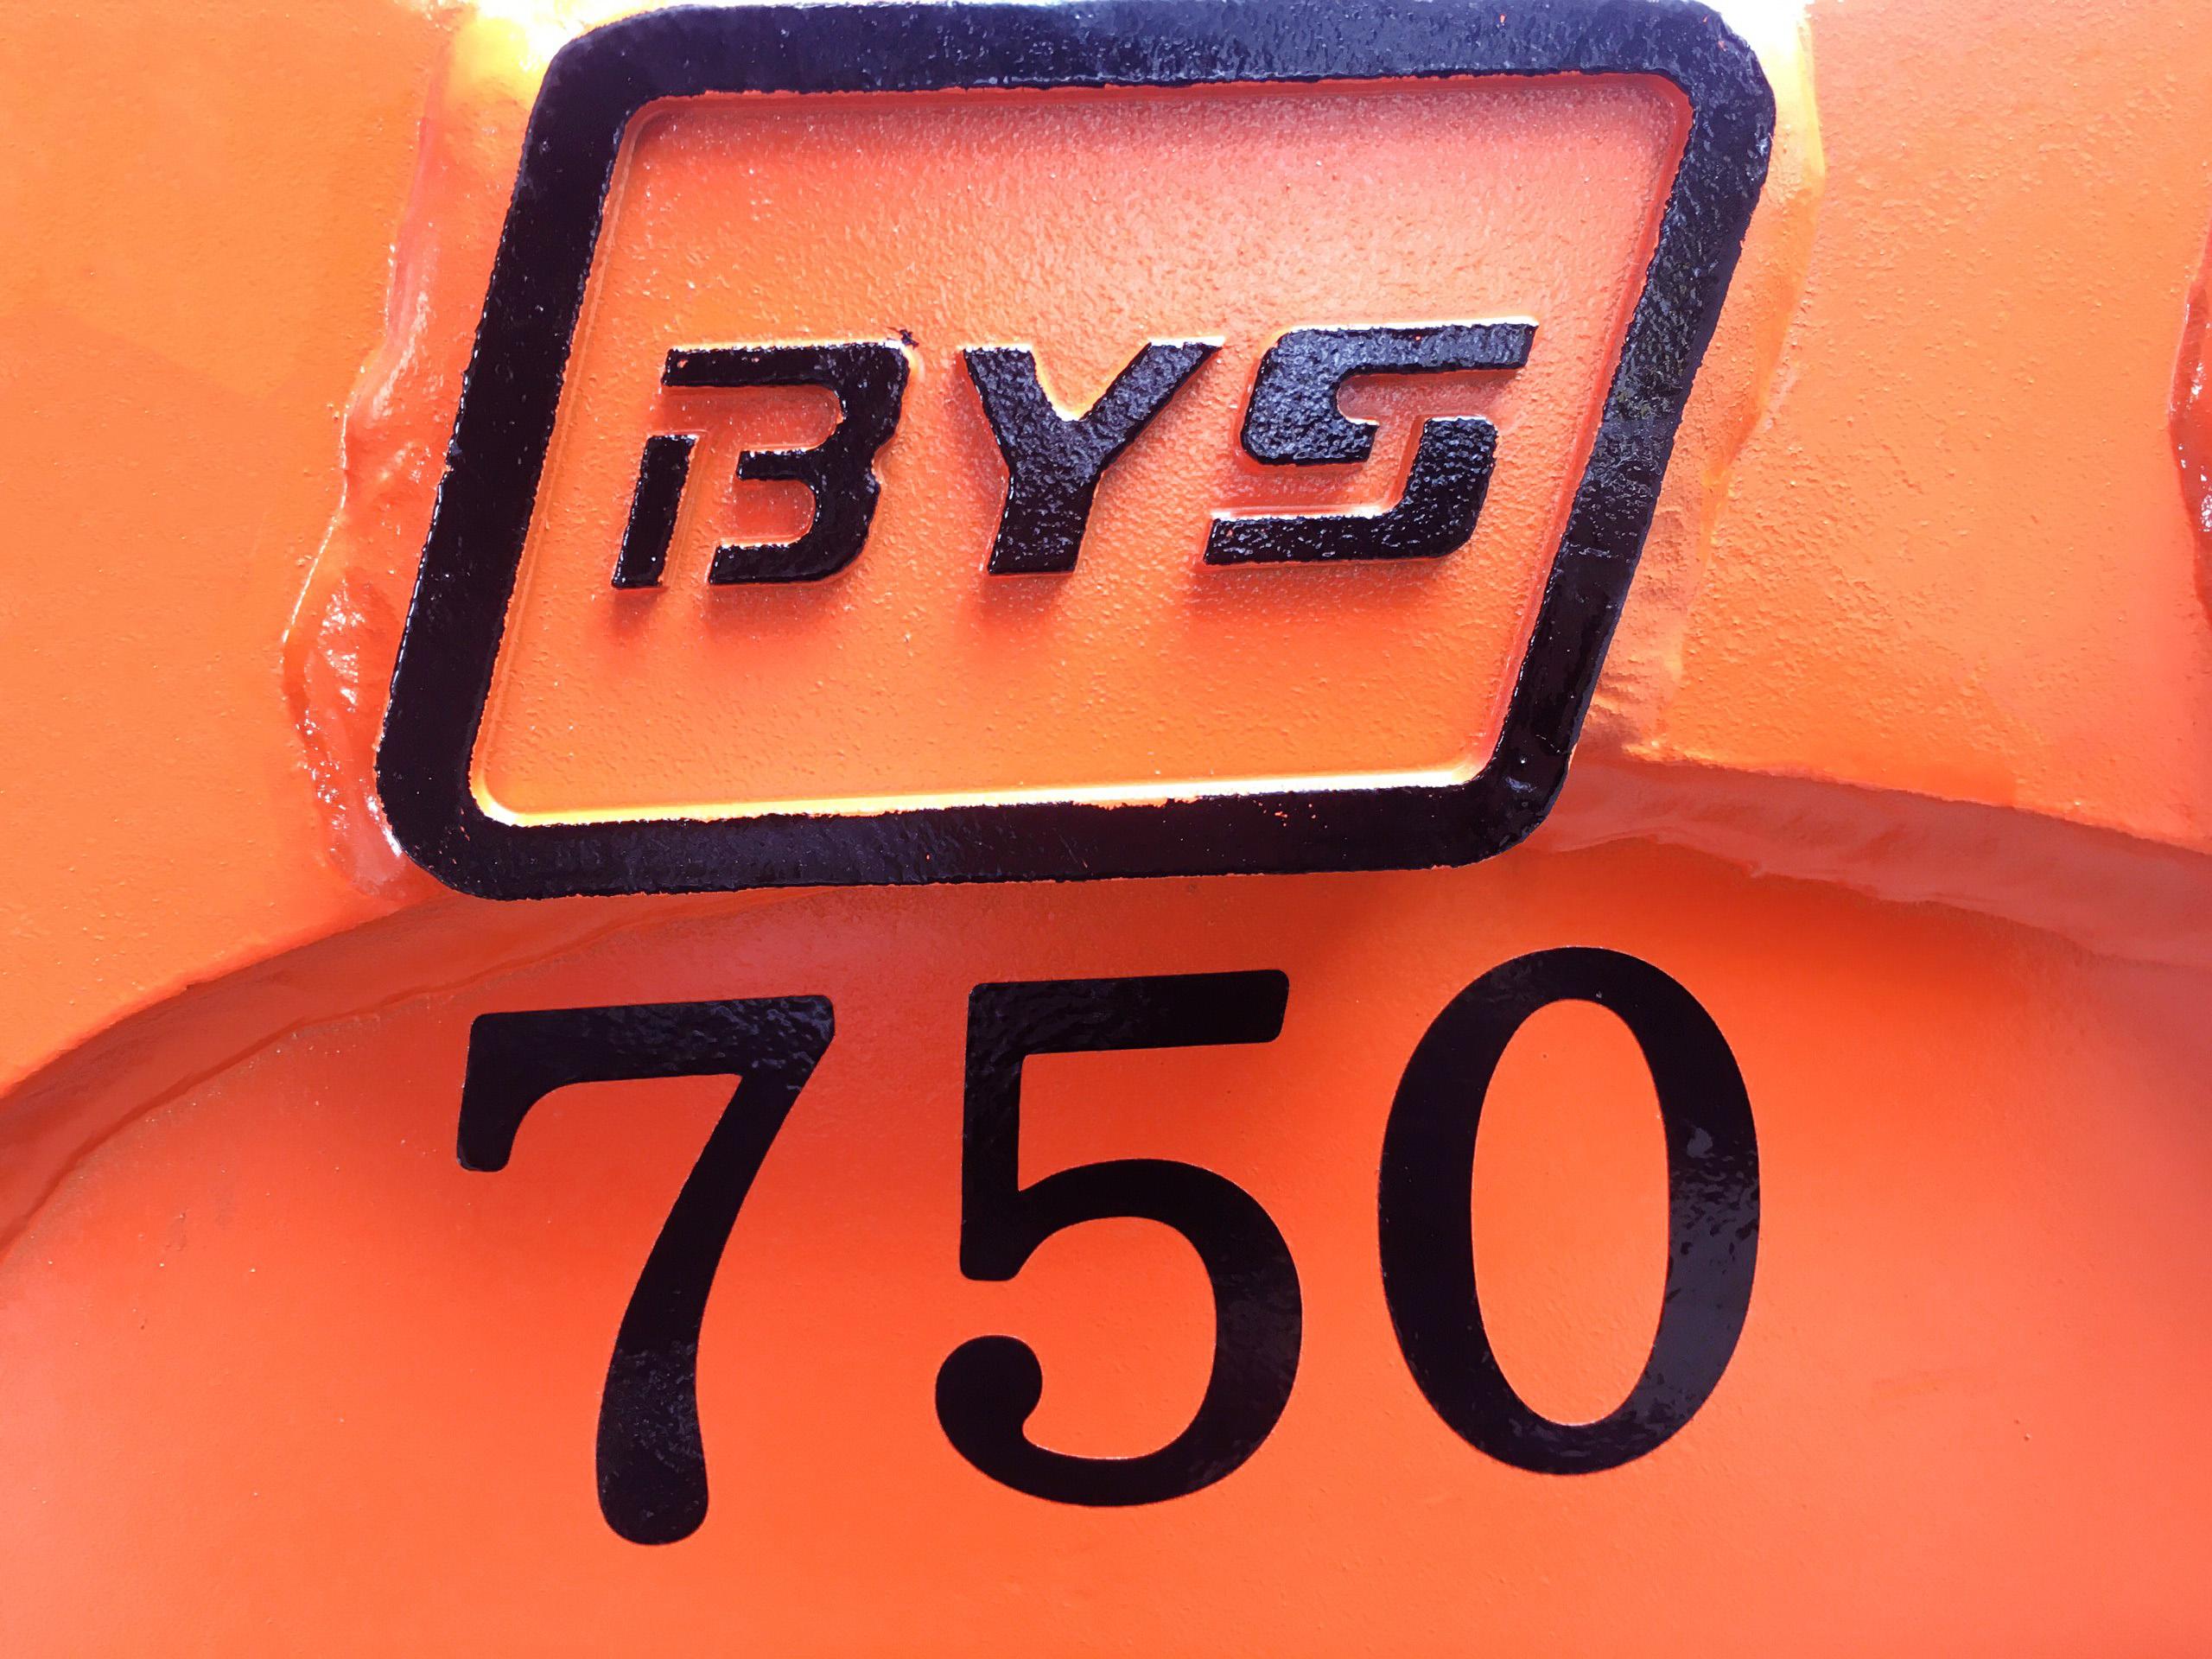 Búa phá đá BAIYISHENG 750 -1